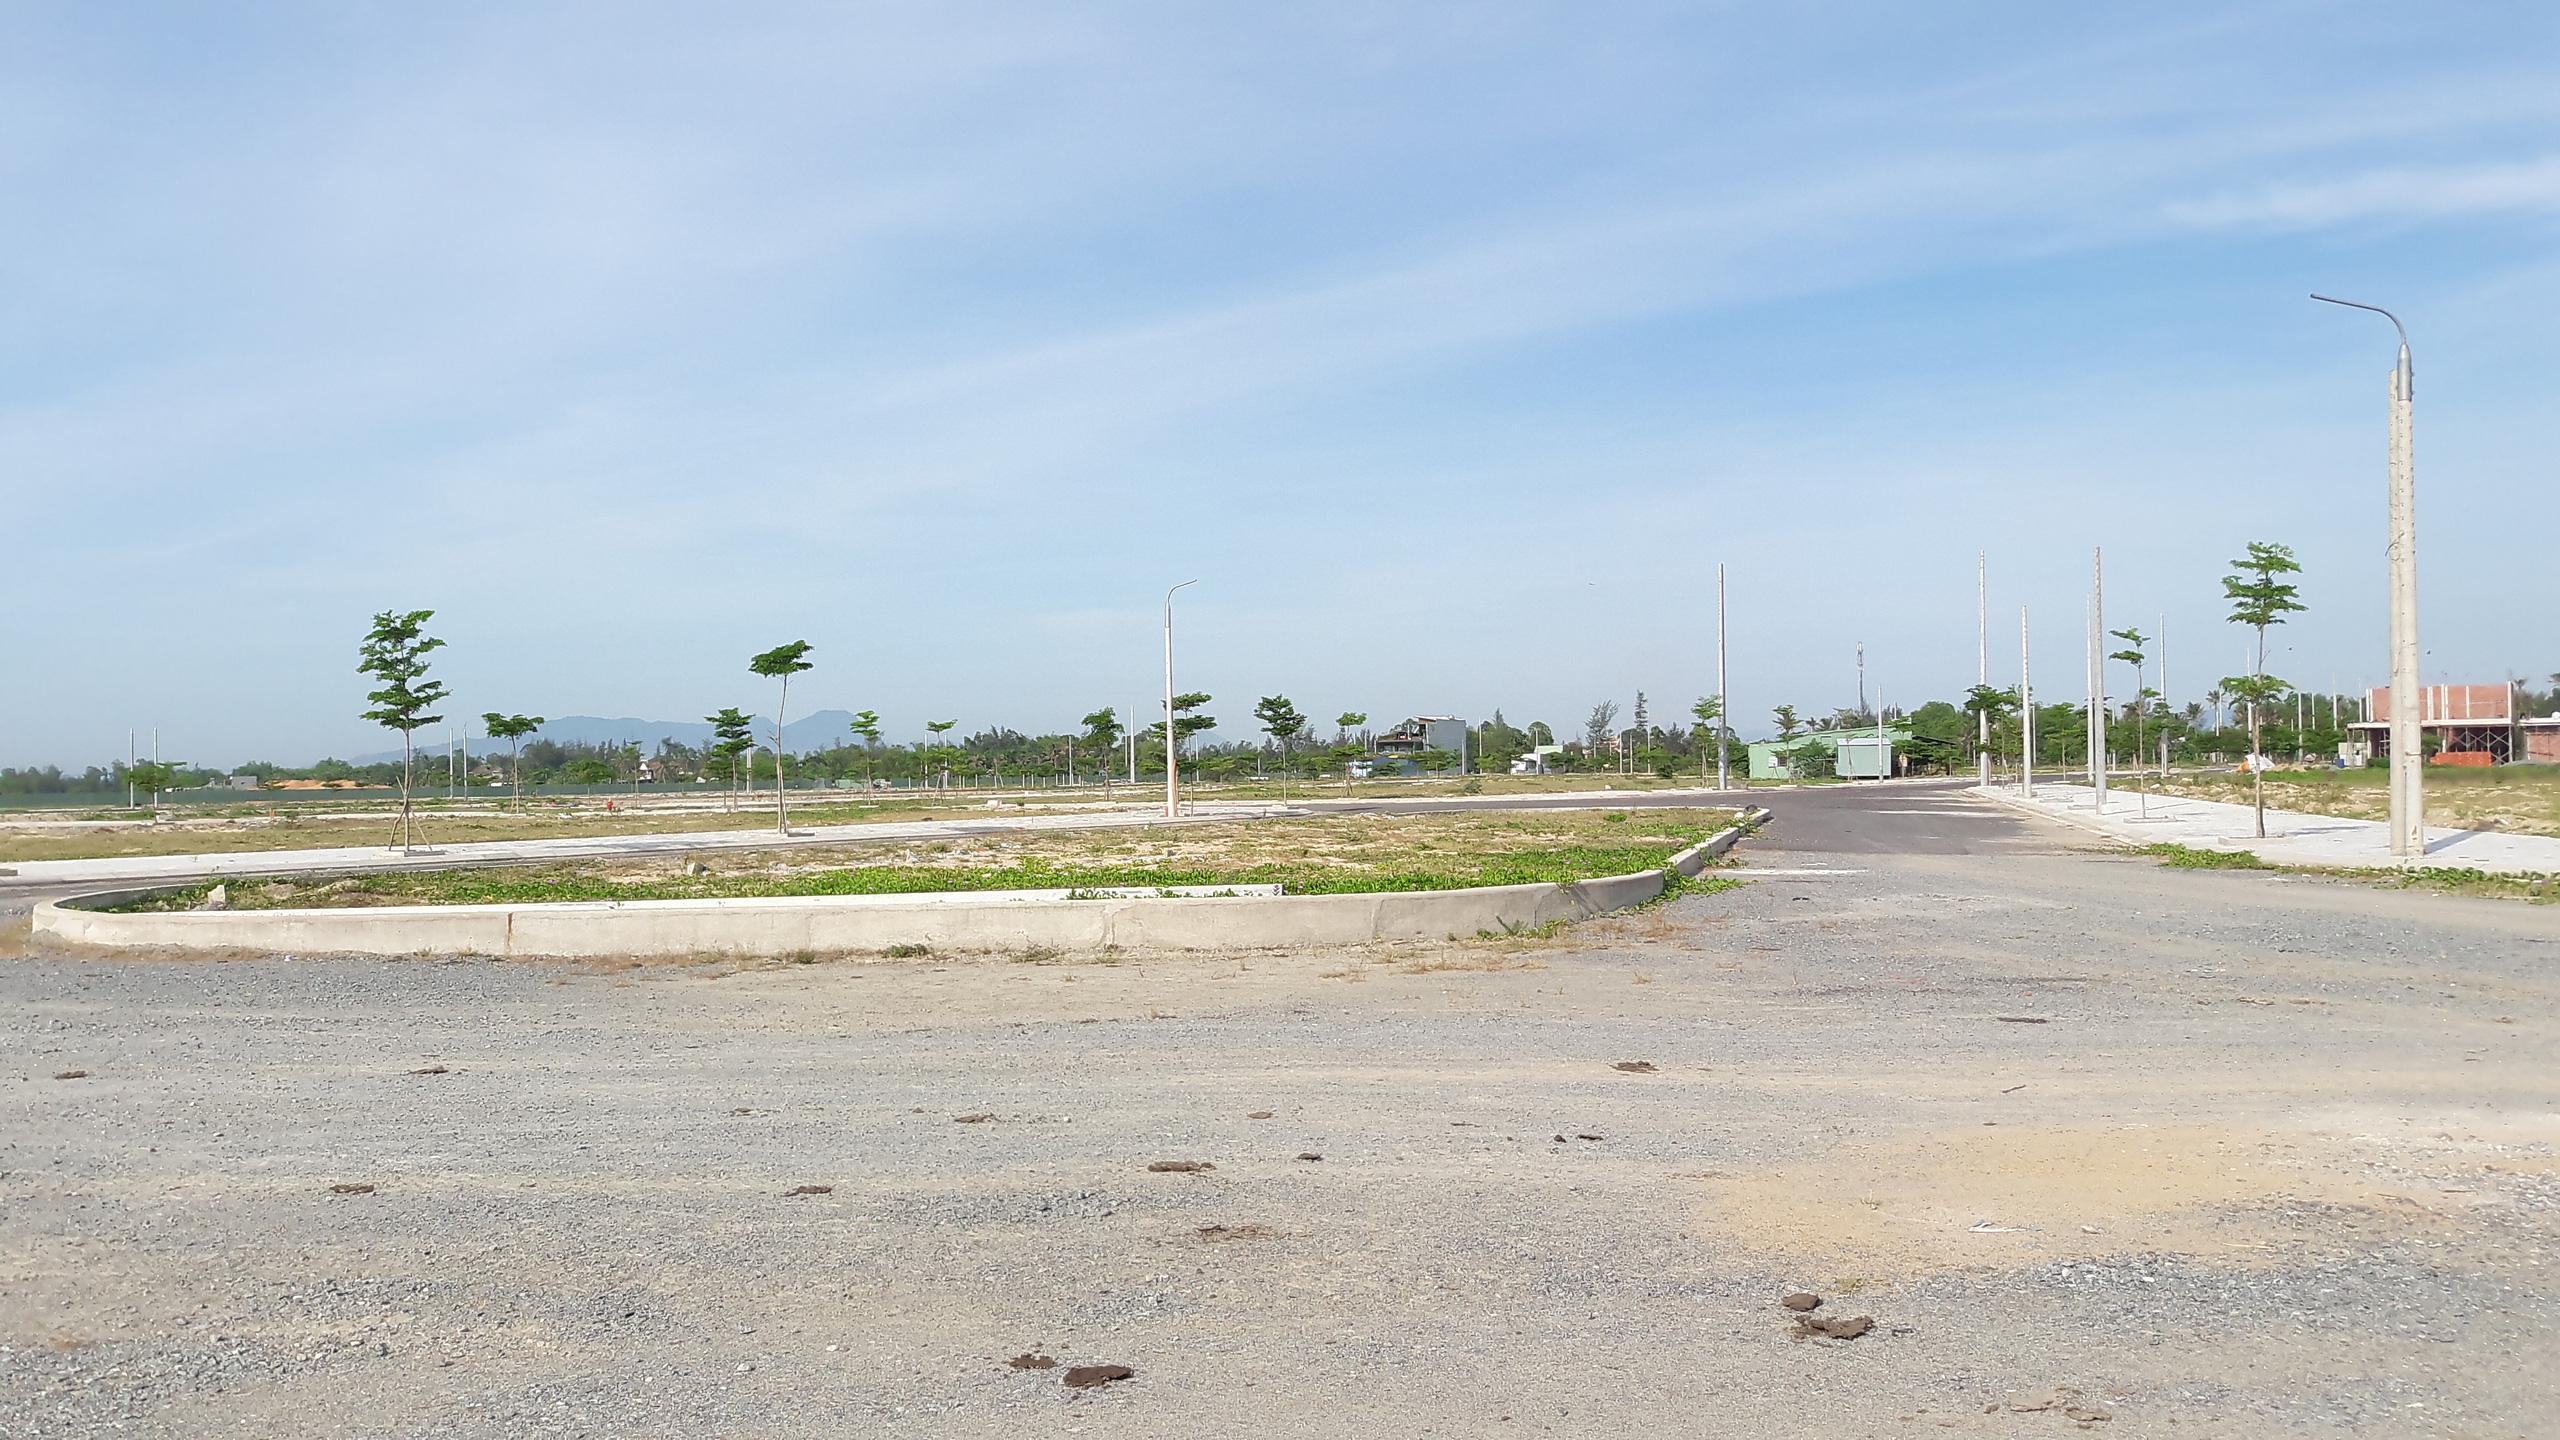 Nhà đầu tư quan tâm đất nền gần TP Hội An, mức giá từ 17 - 23 triệu đồng/m2 - Ảnh 1.